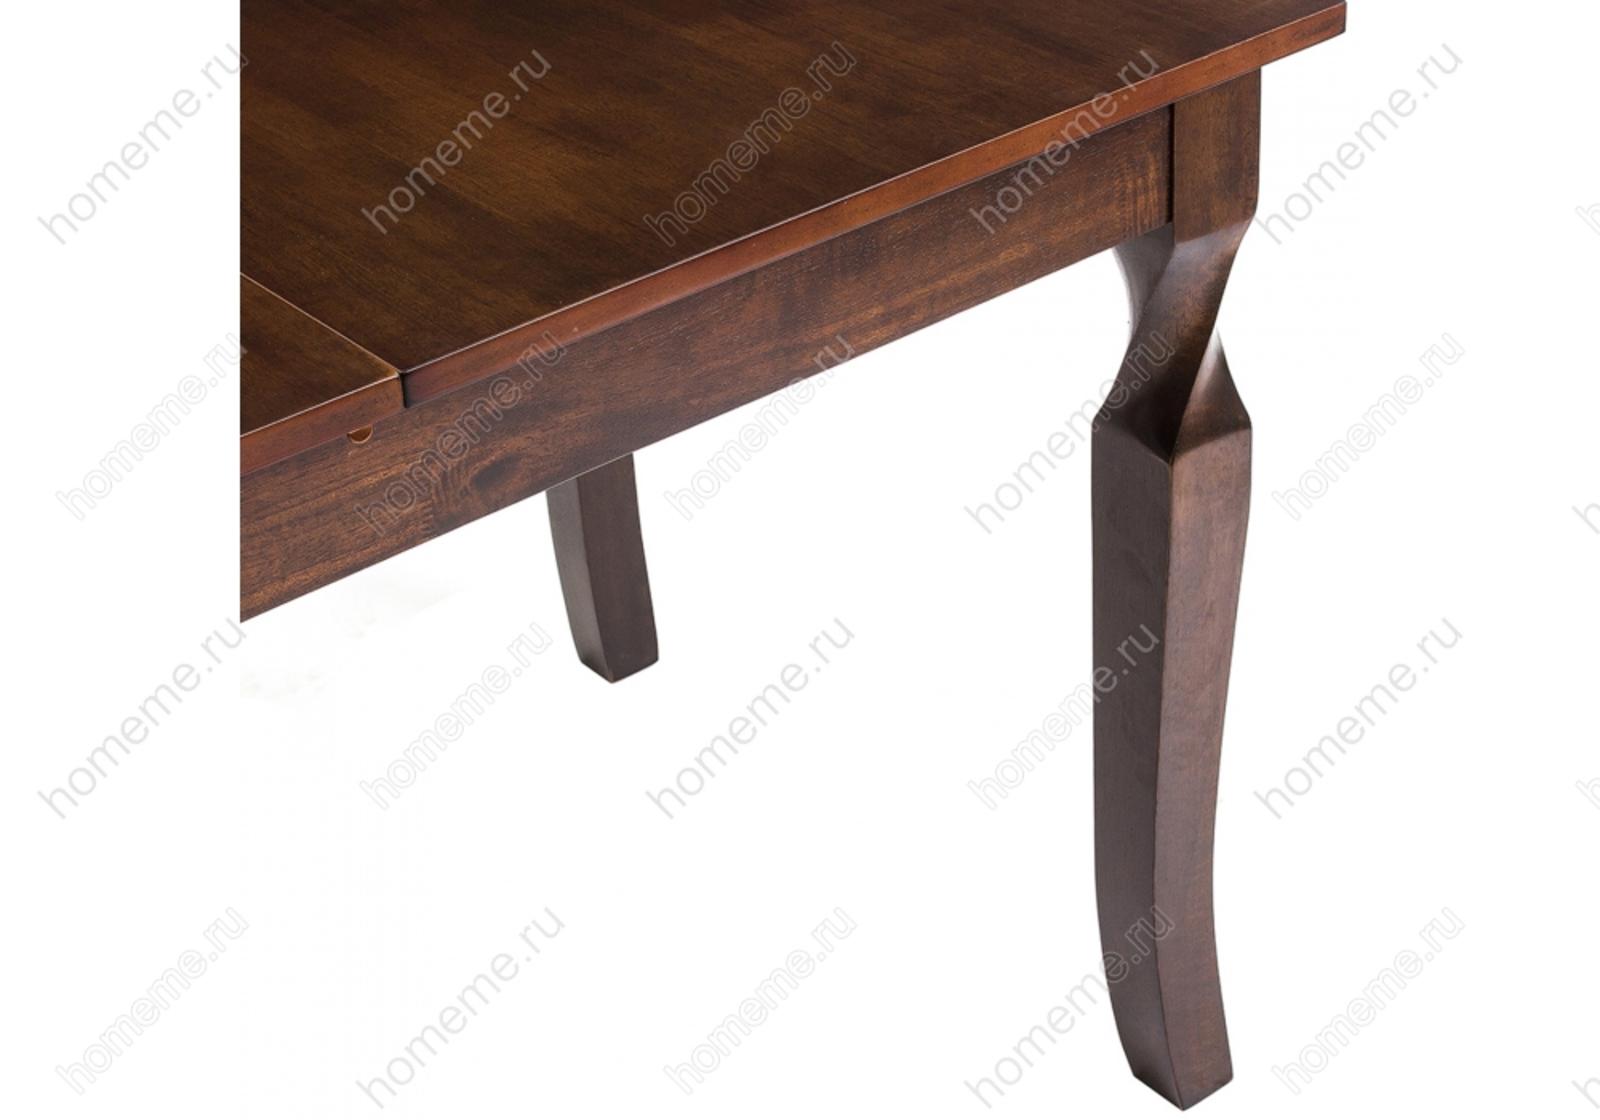 Стол деревянный Indi cappuccino 1592 1592